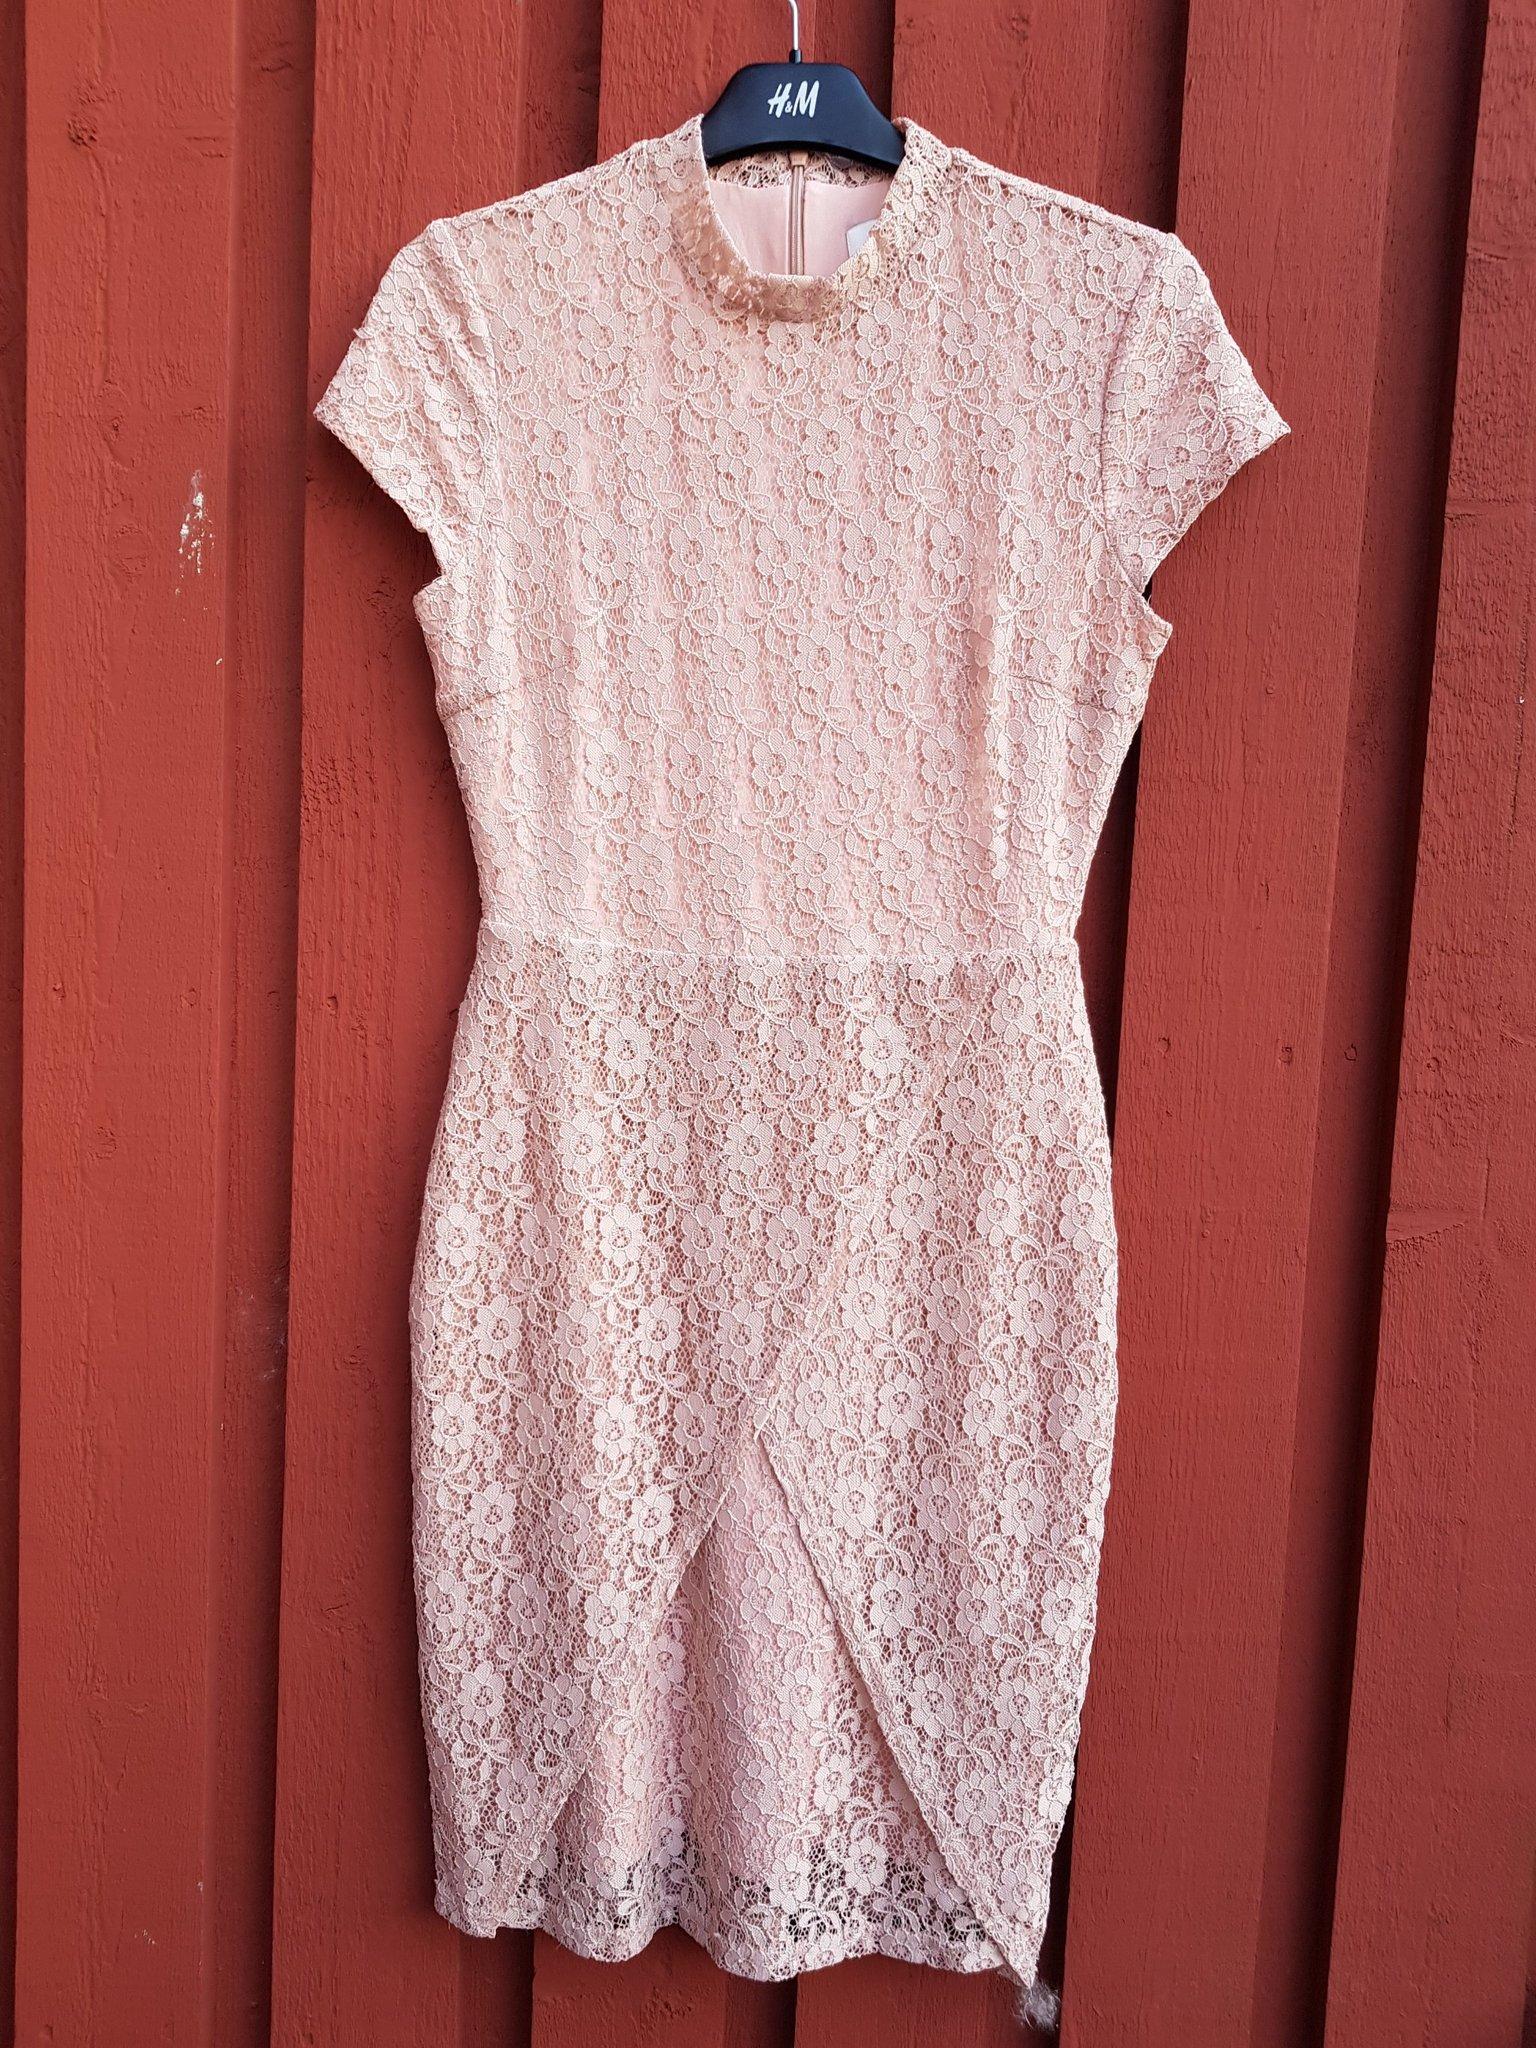 41a3d6f07cfc Rosa spets klänning Dry Lake Strl M * (351814985) ᐈ Köp på Tradera